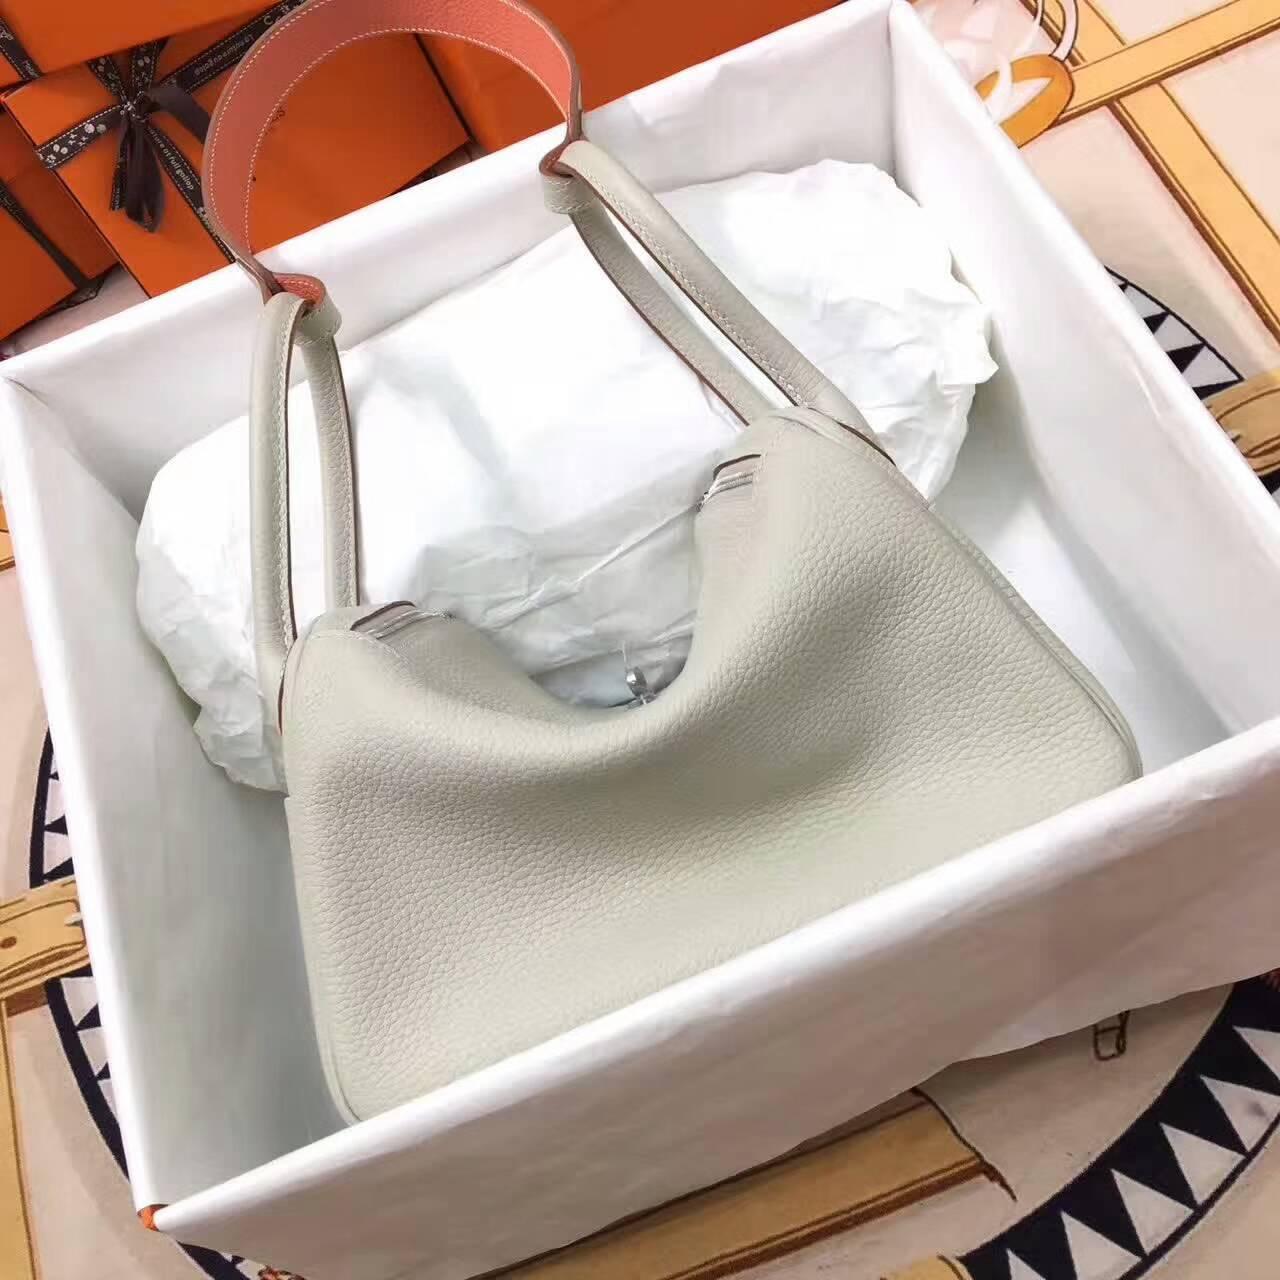 爱马仕Lindy包包 26cm Clemence 法国原产Togo大牛皮 珍珠灰内龙虾粉